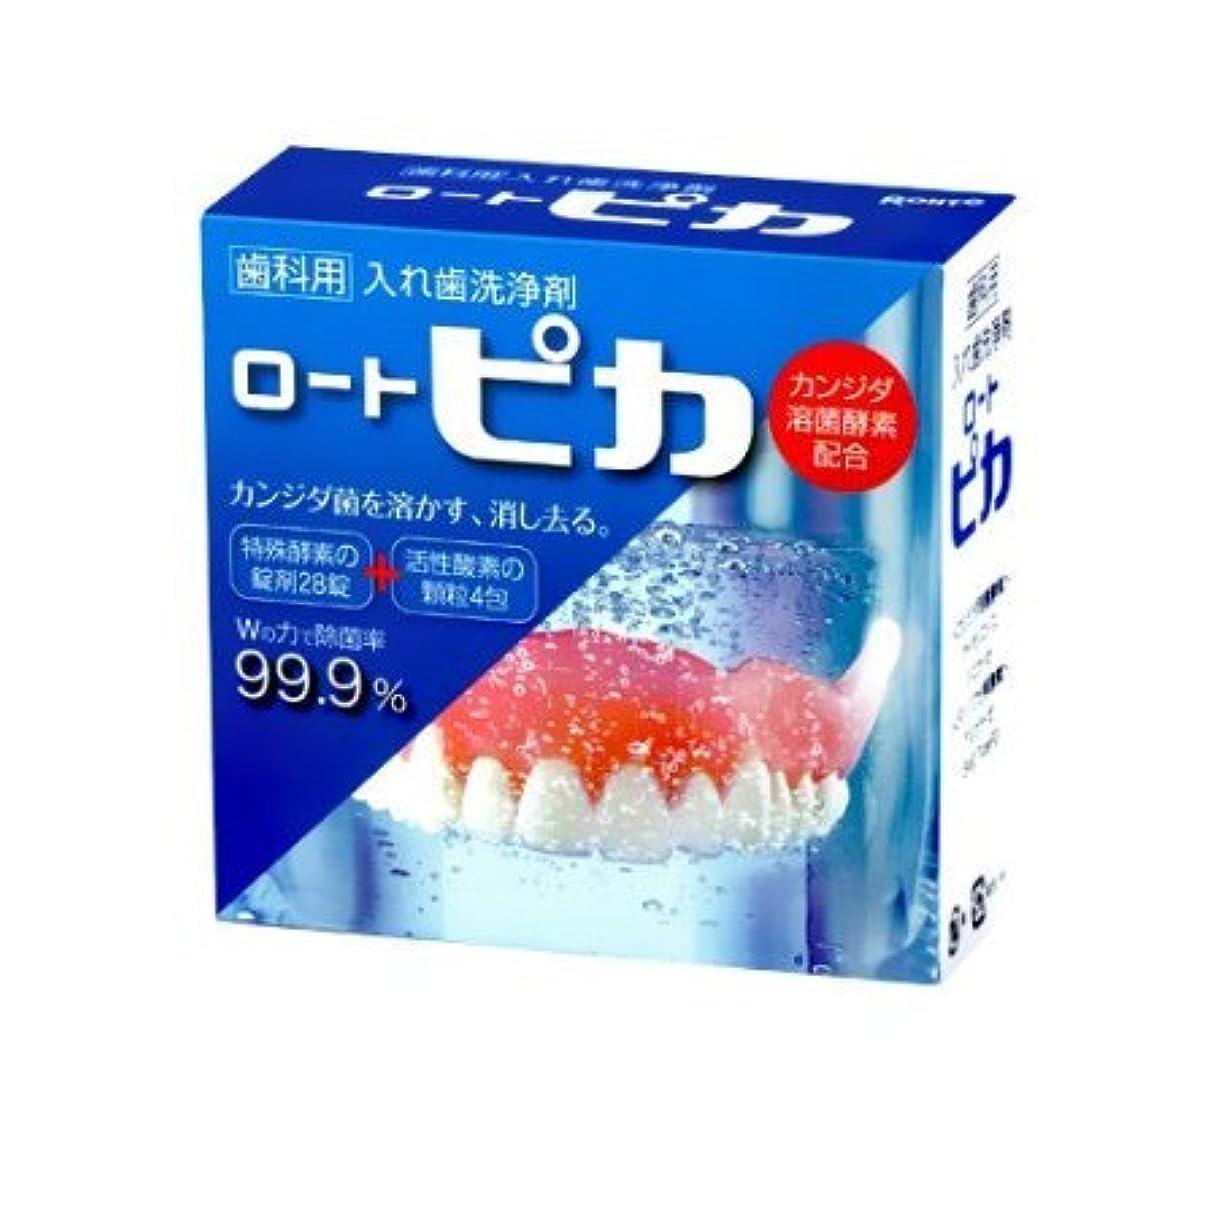 回転させる神話徒歩で入れ歯洗浄剤 ピカ カンジダ菌を溶菌除去!